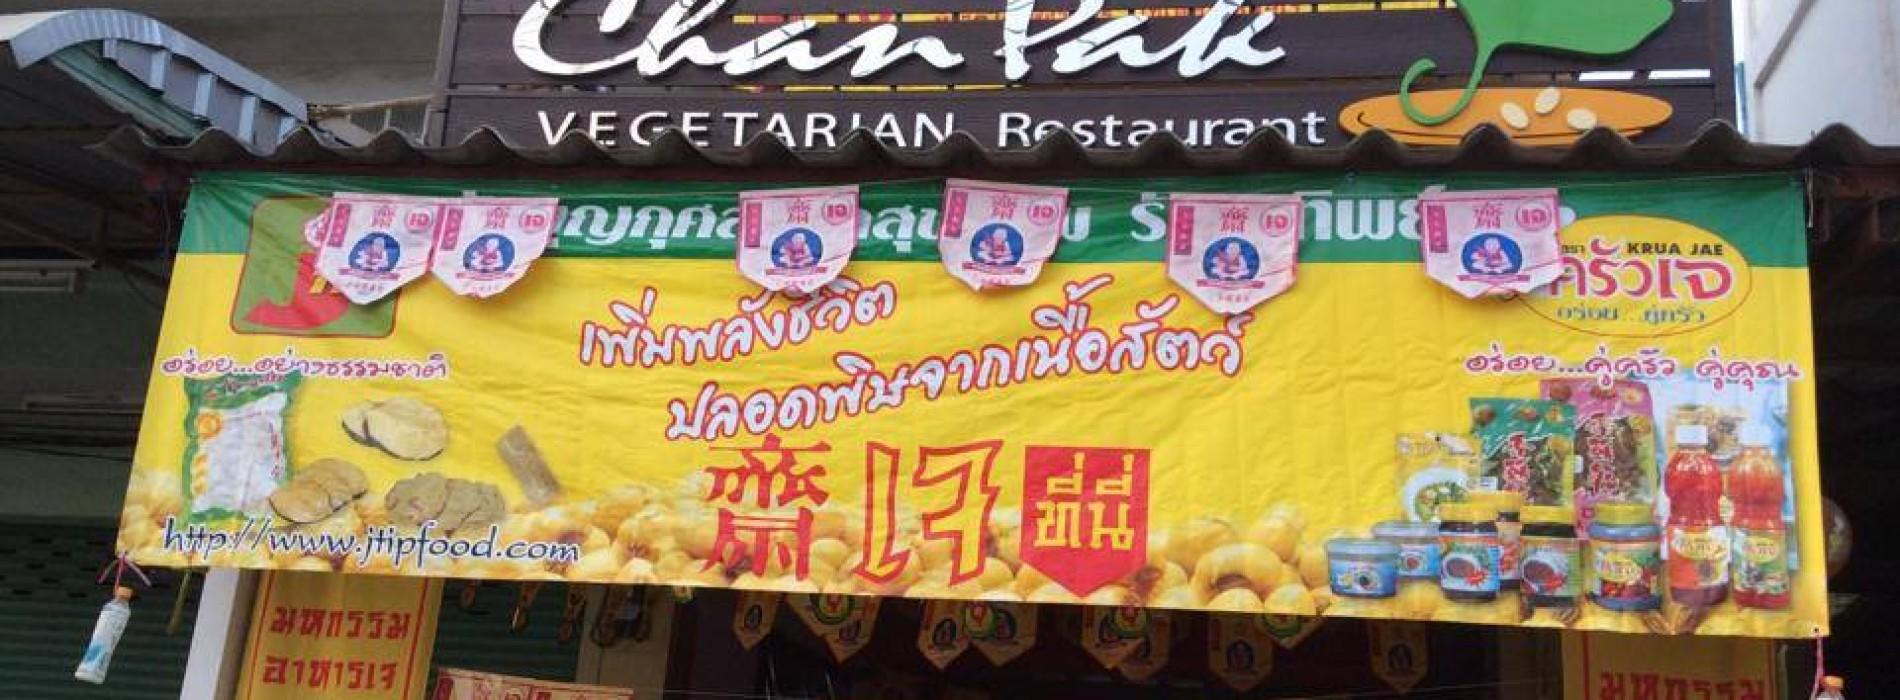 ร้านอาหารเจจานผัก ร้านอาหารเจ จังหวัดปทุมธานี